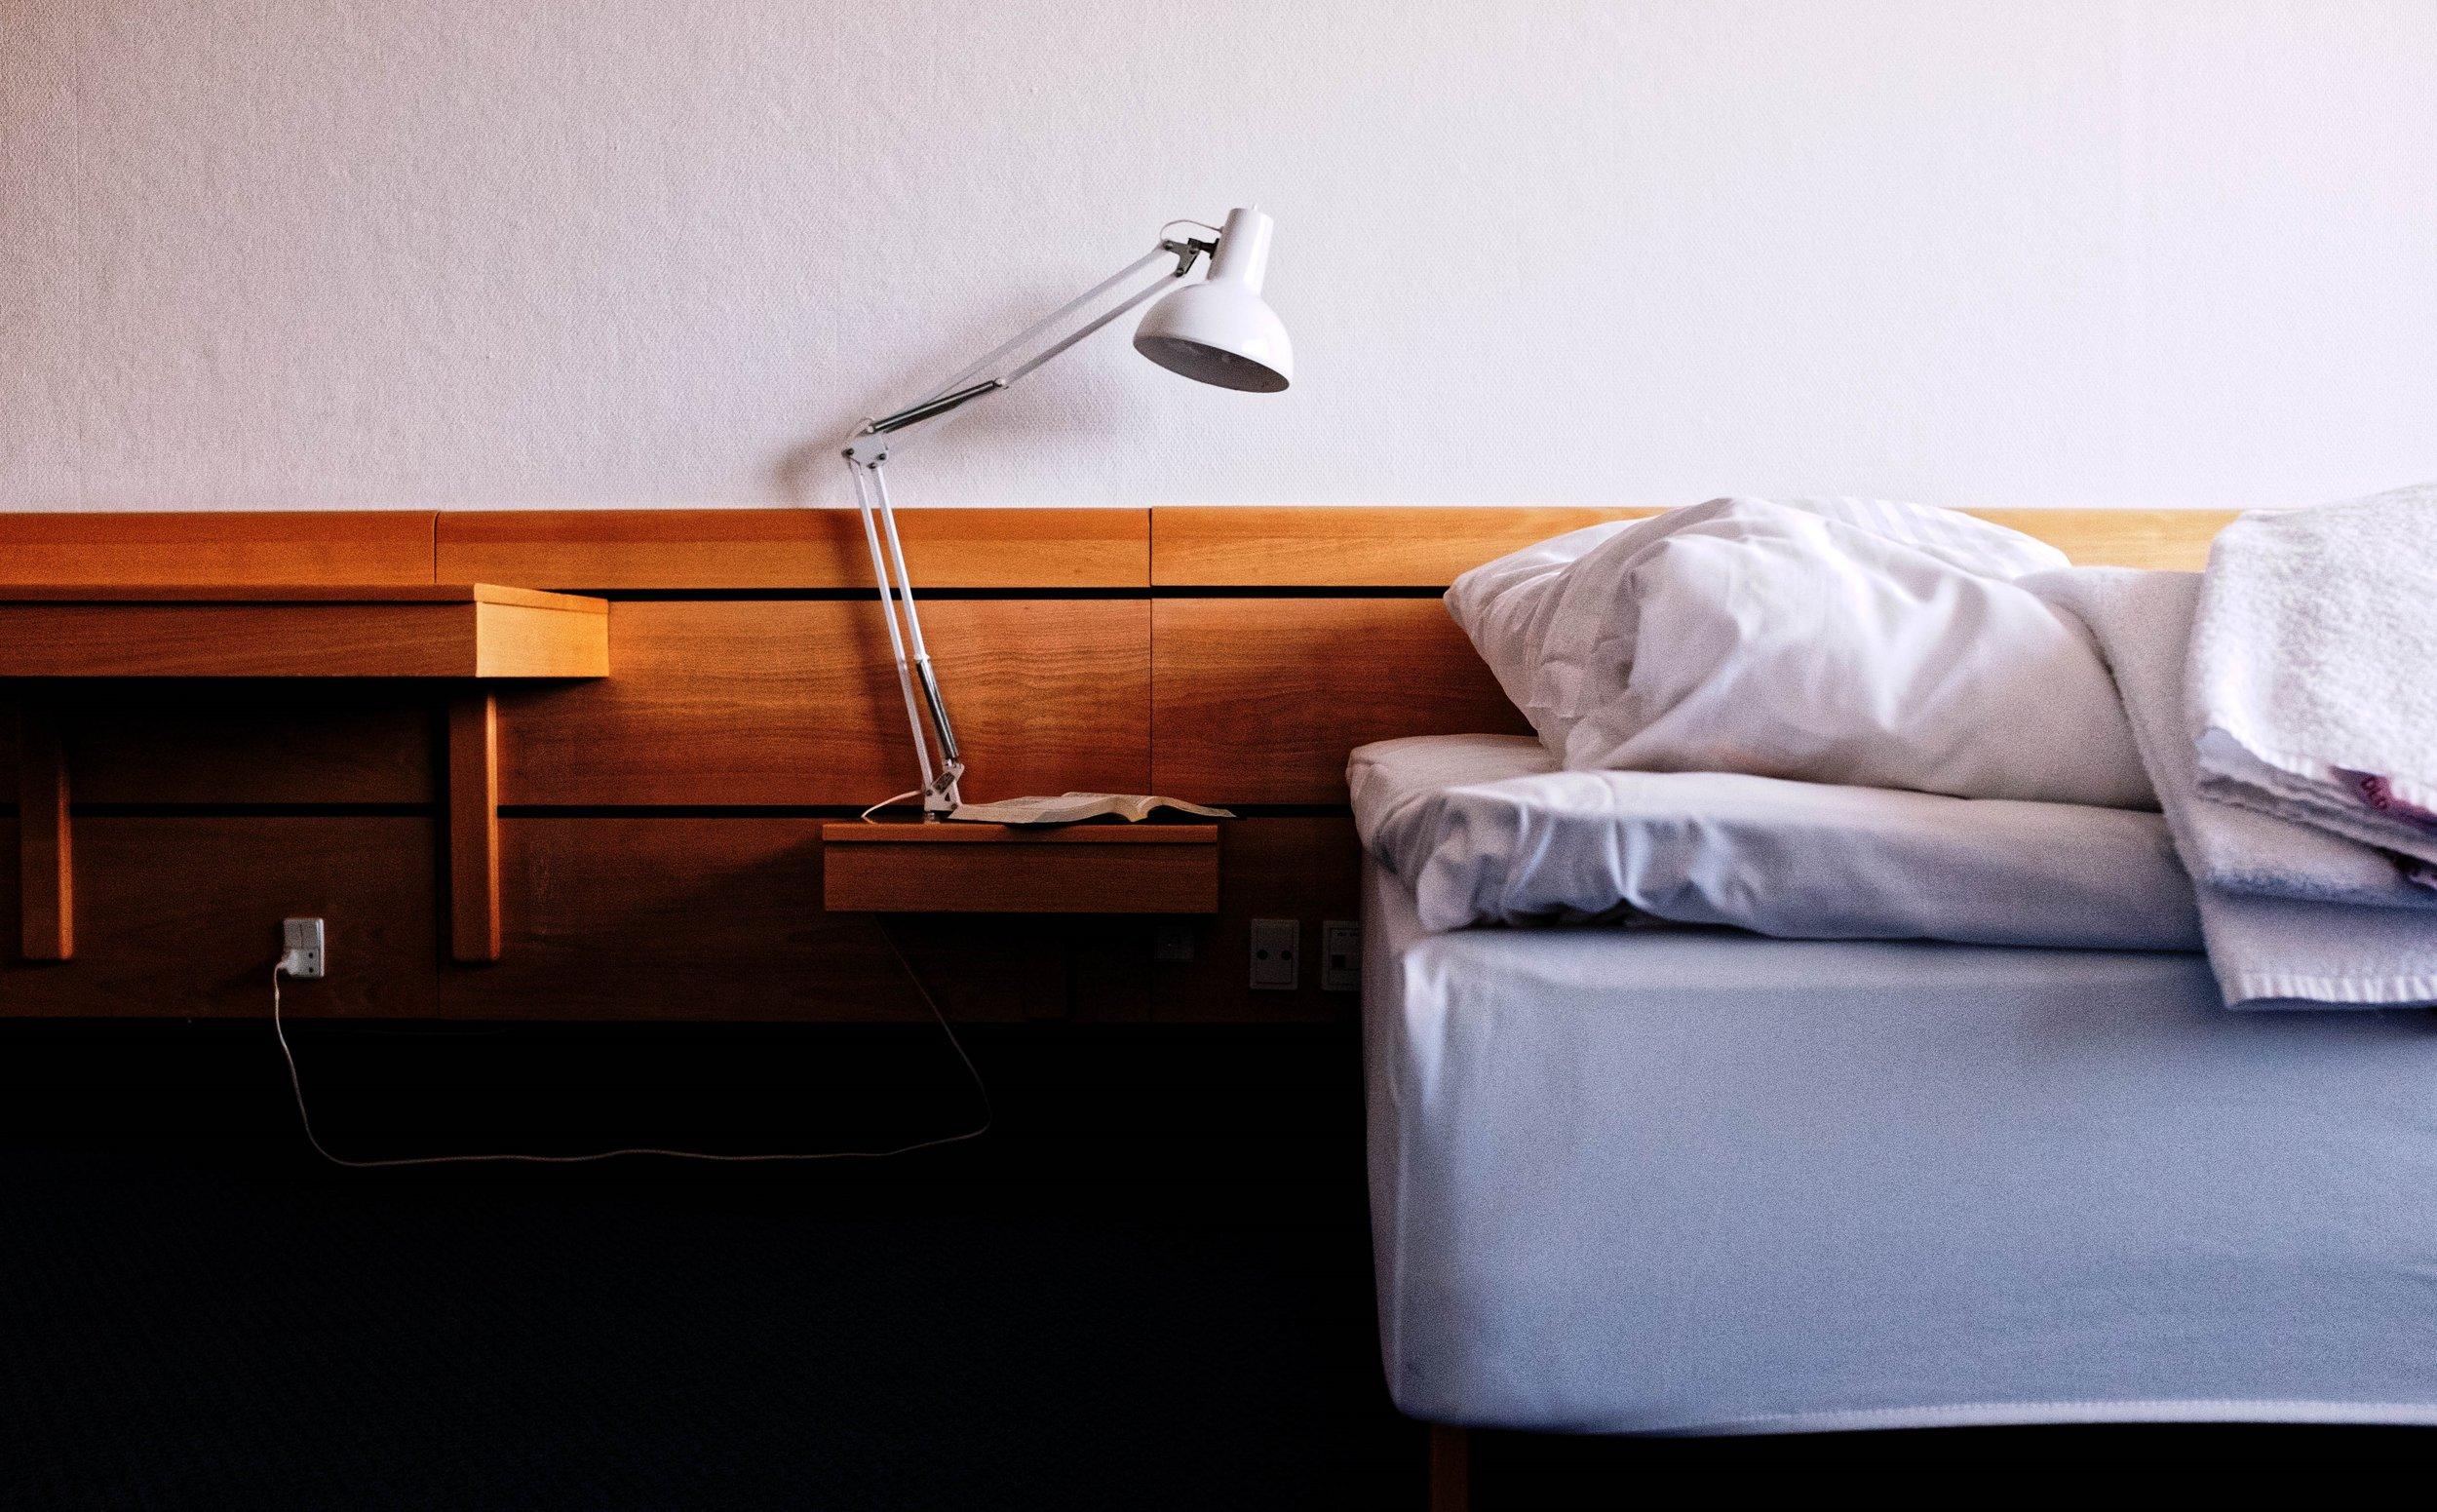 Fald i søvn - til lyden af det brusende vesterhav, der ligger kun få hundrede meter fra hotellet.